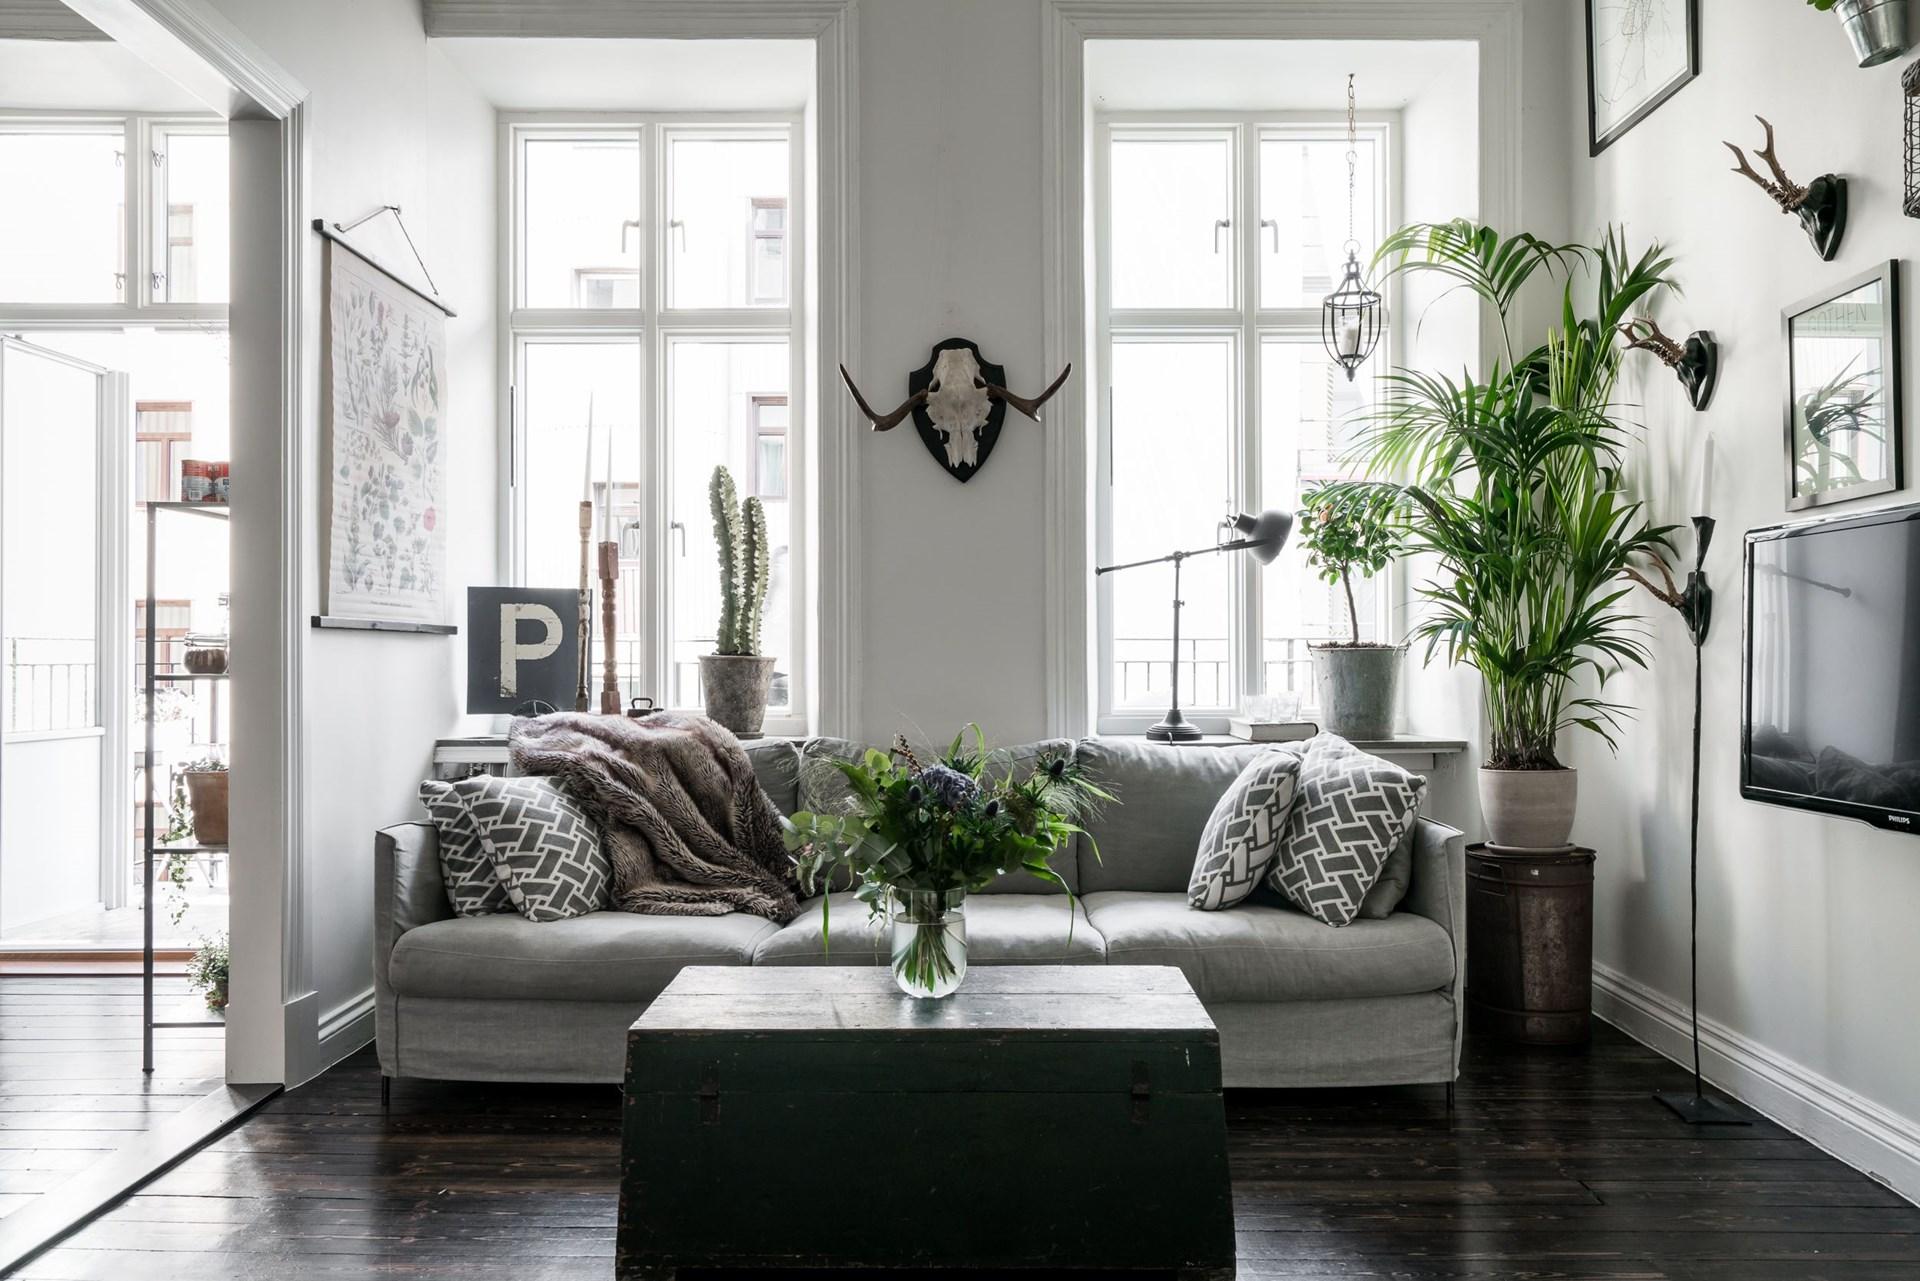 гостиная серый диван телевизор окно наличники подоконник комнатное дерево